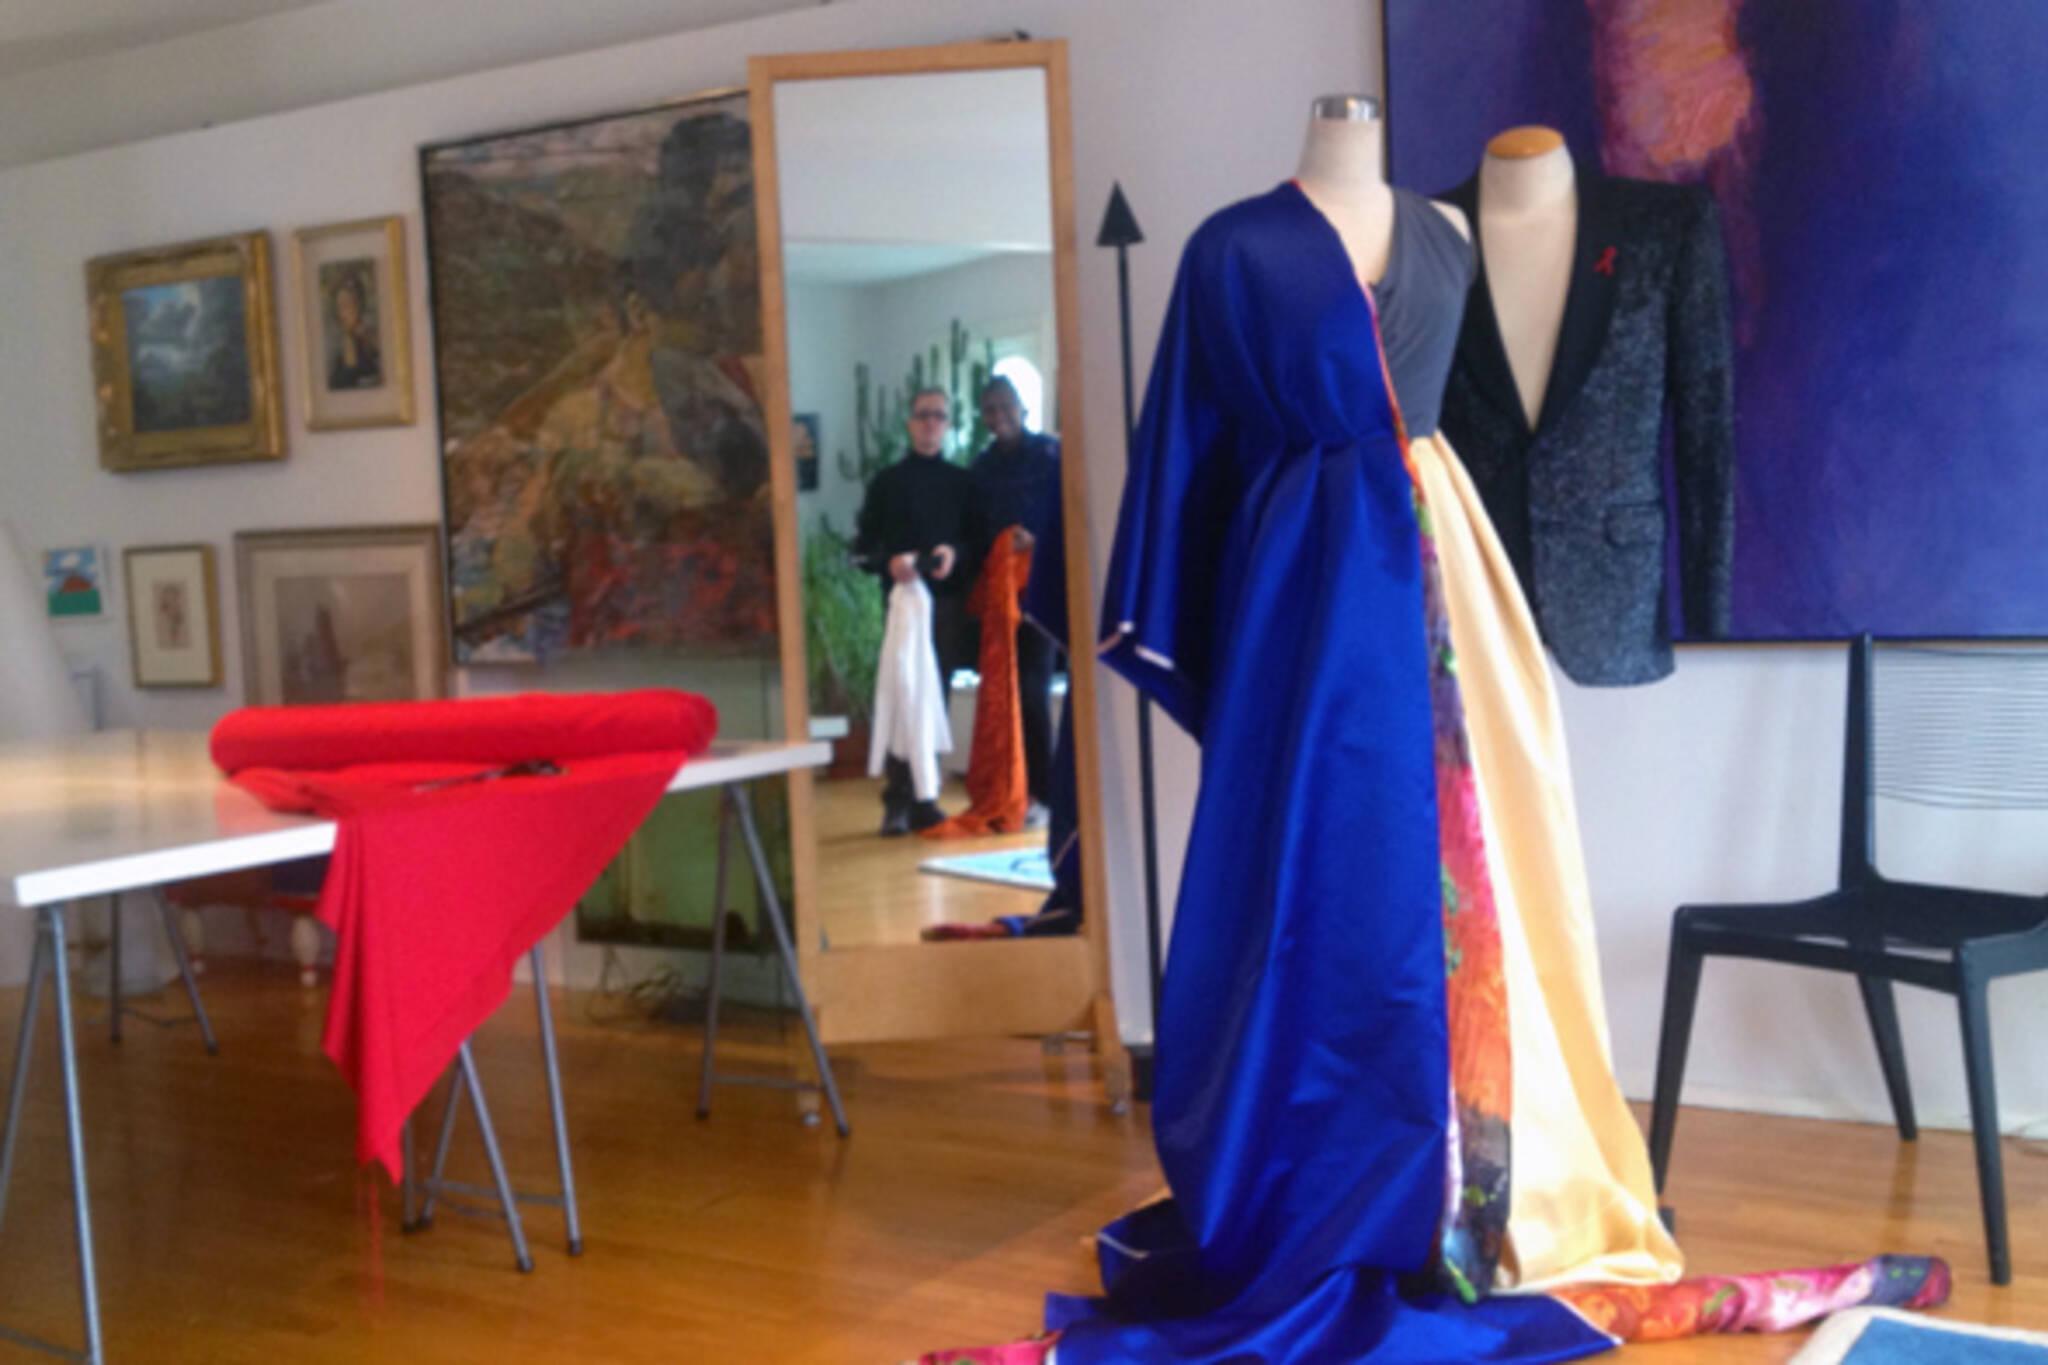 hoax couture toronto